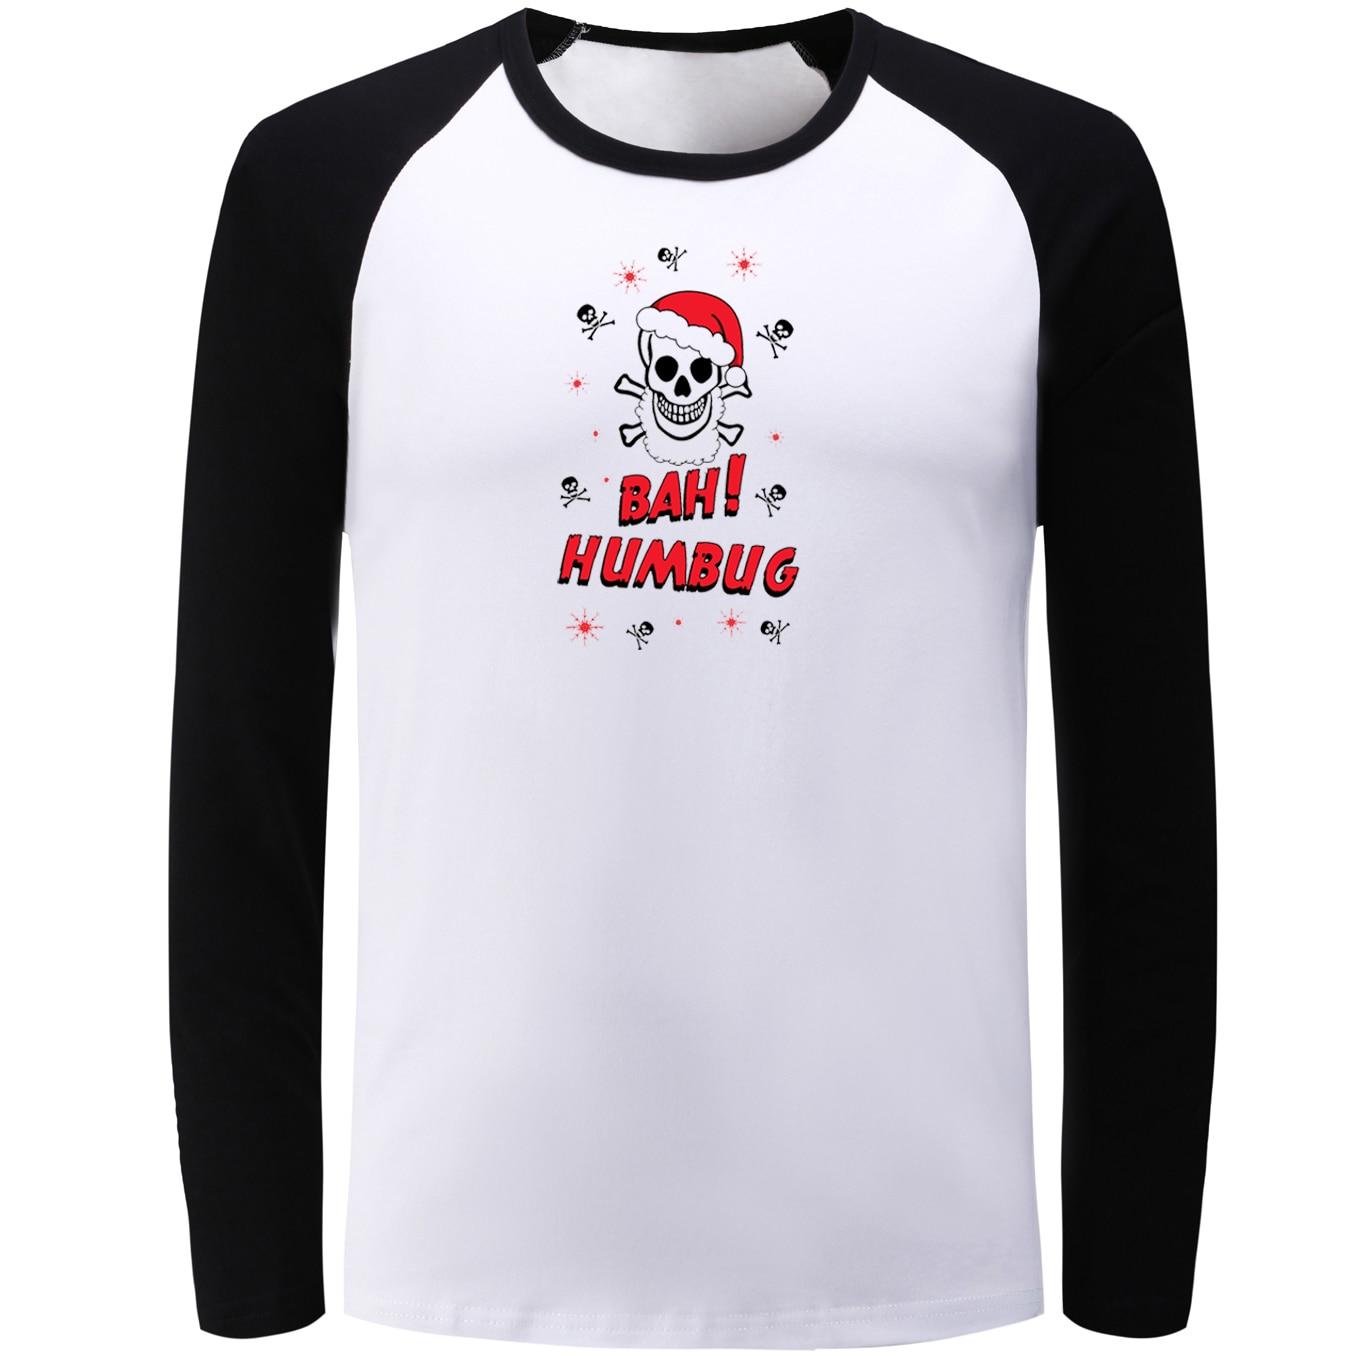 Idzn реглан футболка с длинными рукавами Бах! Вздор череп Рождество Графический Футболка Для мужчин Для женщин мальчик осень-зима Street Стиль ф...